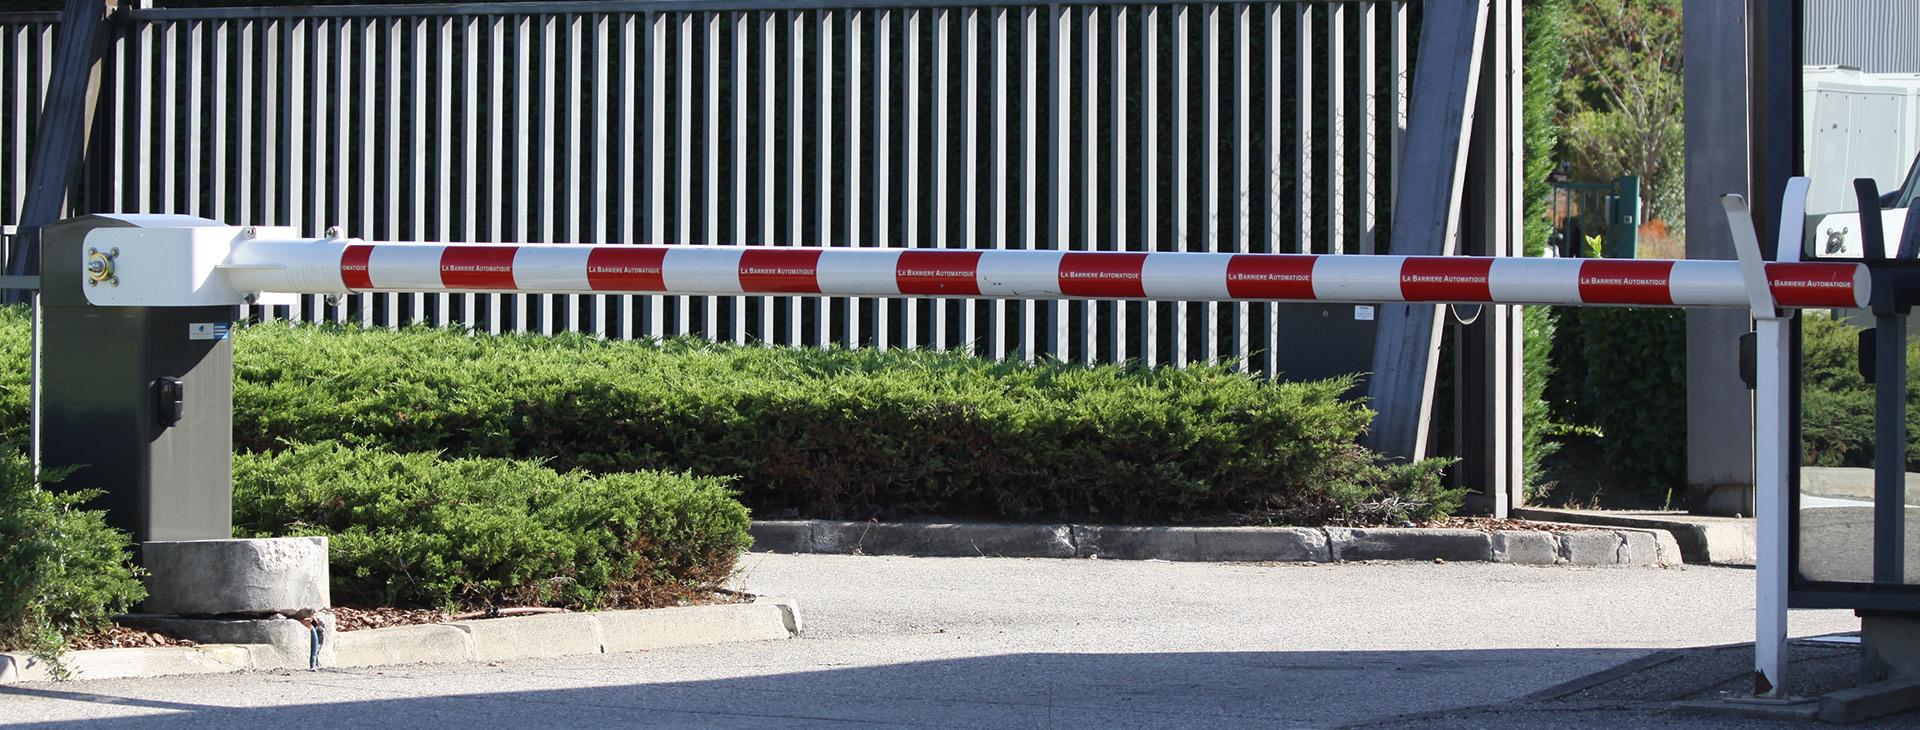 Accueil - Système de clôture & contrôle d\'accès - Seric : Séric